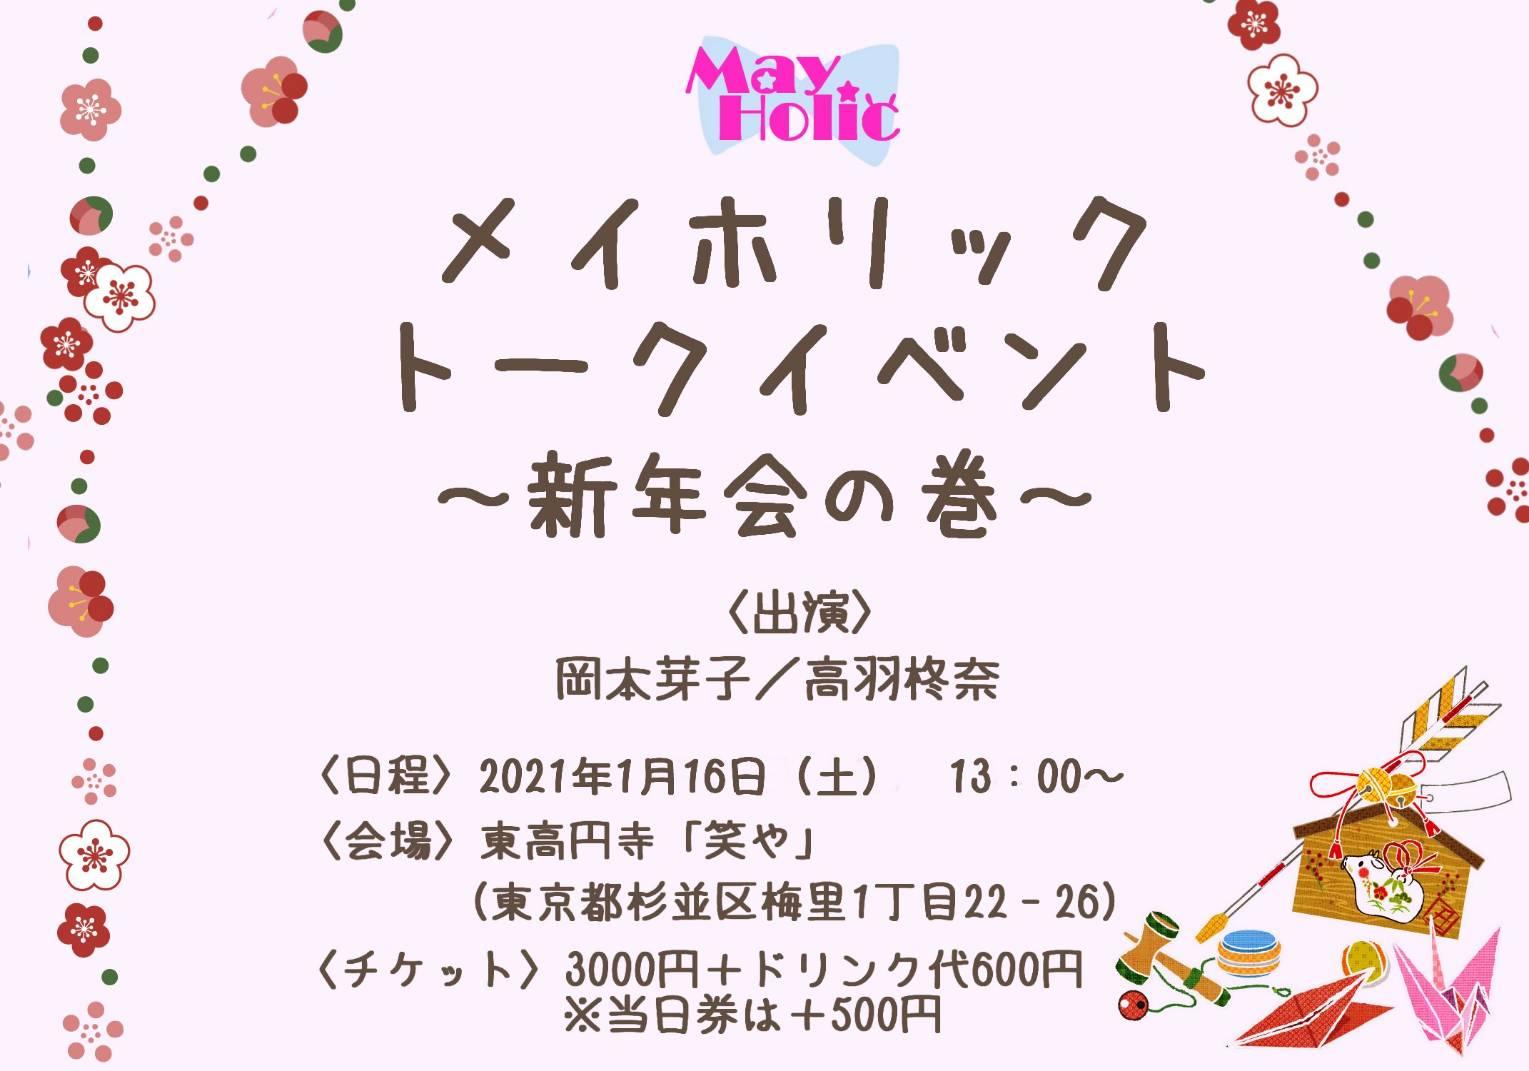 メイホリックトークイベント~ 新年会の巻~